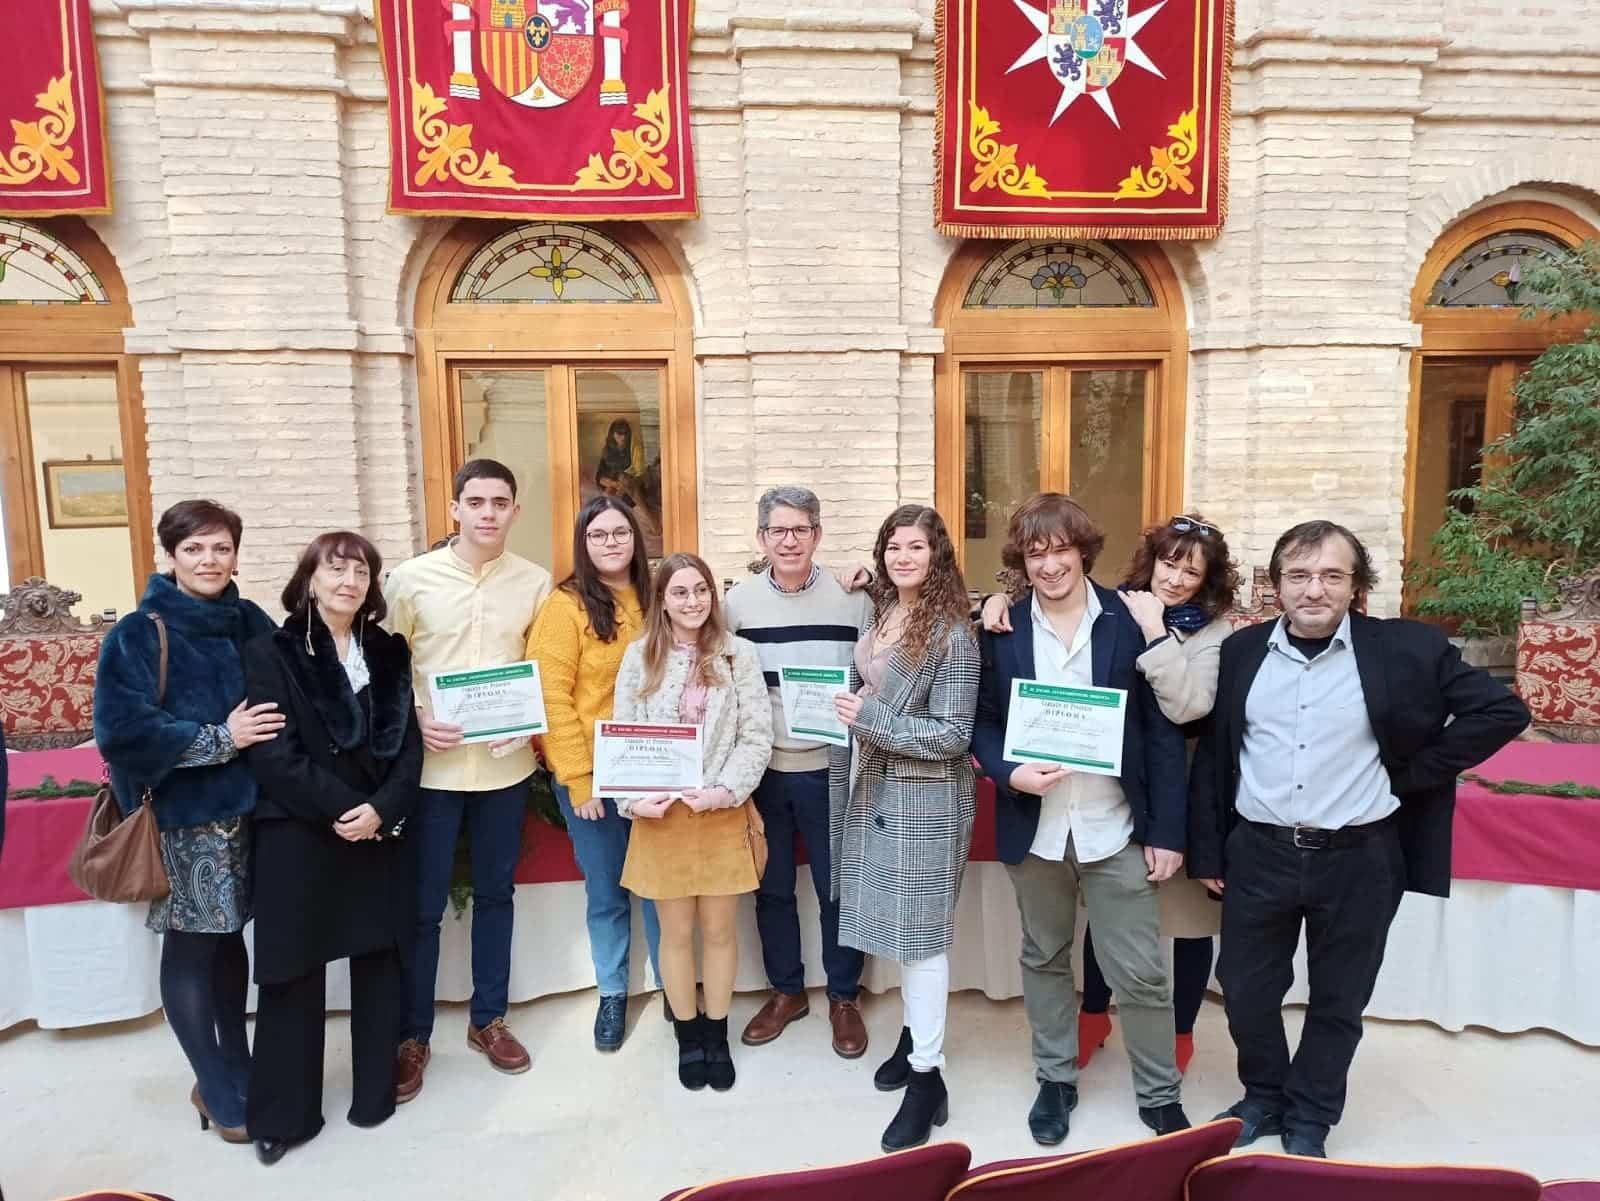 dia constitucion 2019 hermogenes rodriguez - La educación como garante de la igualdad de derechos y oportunidades